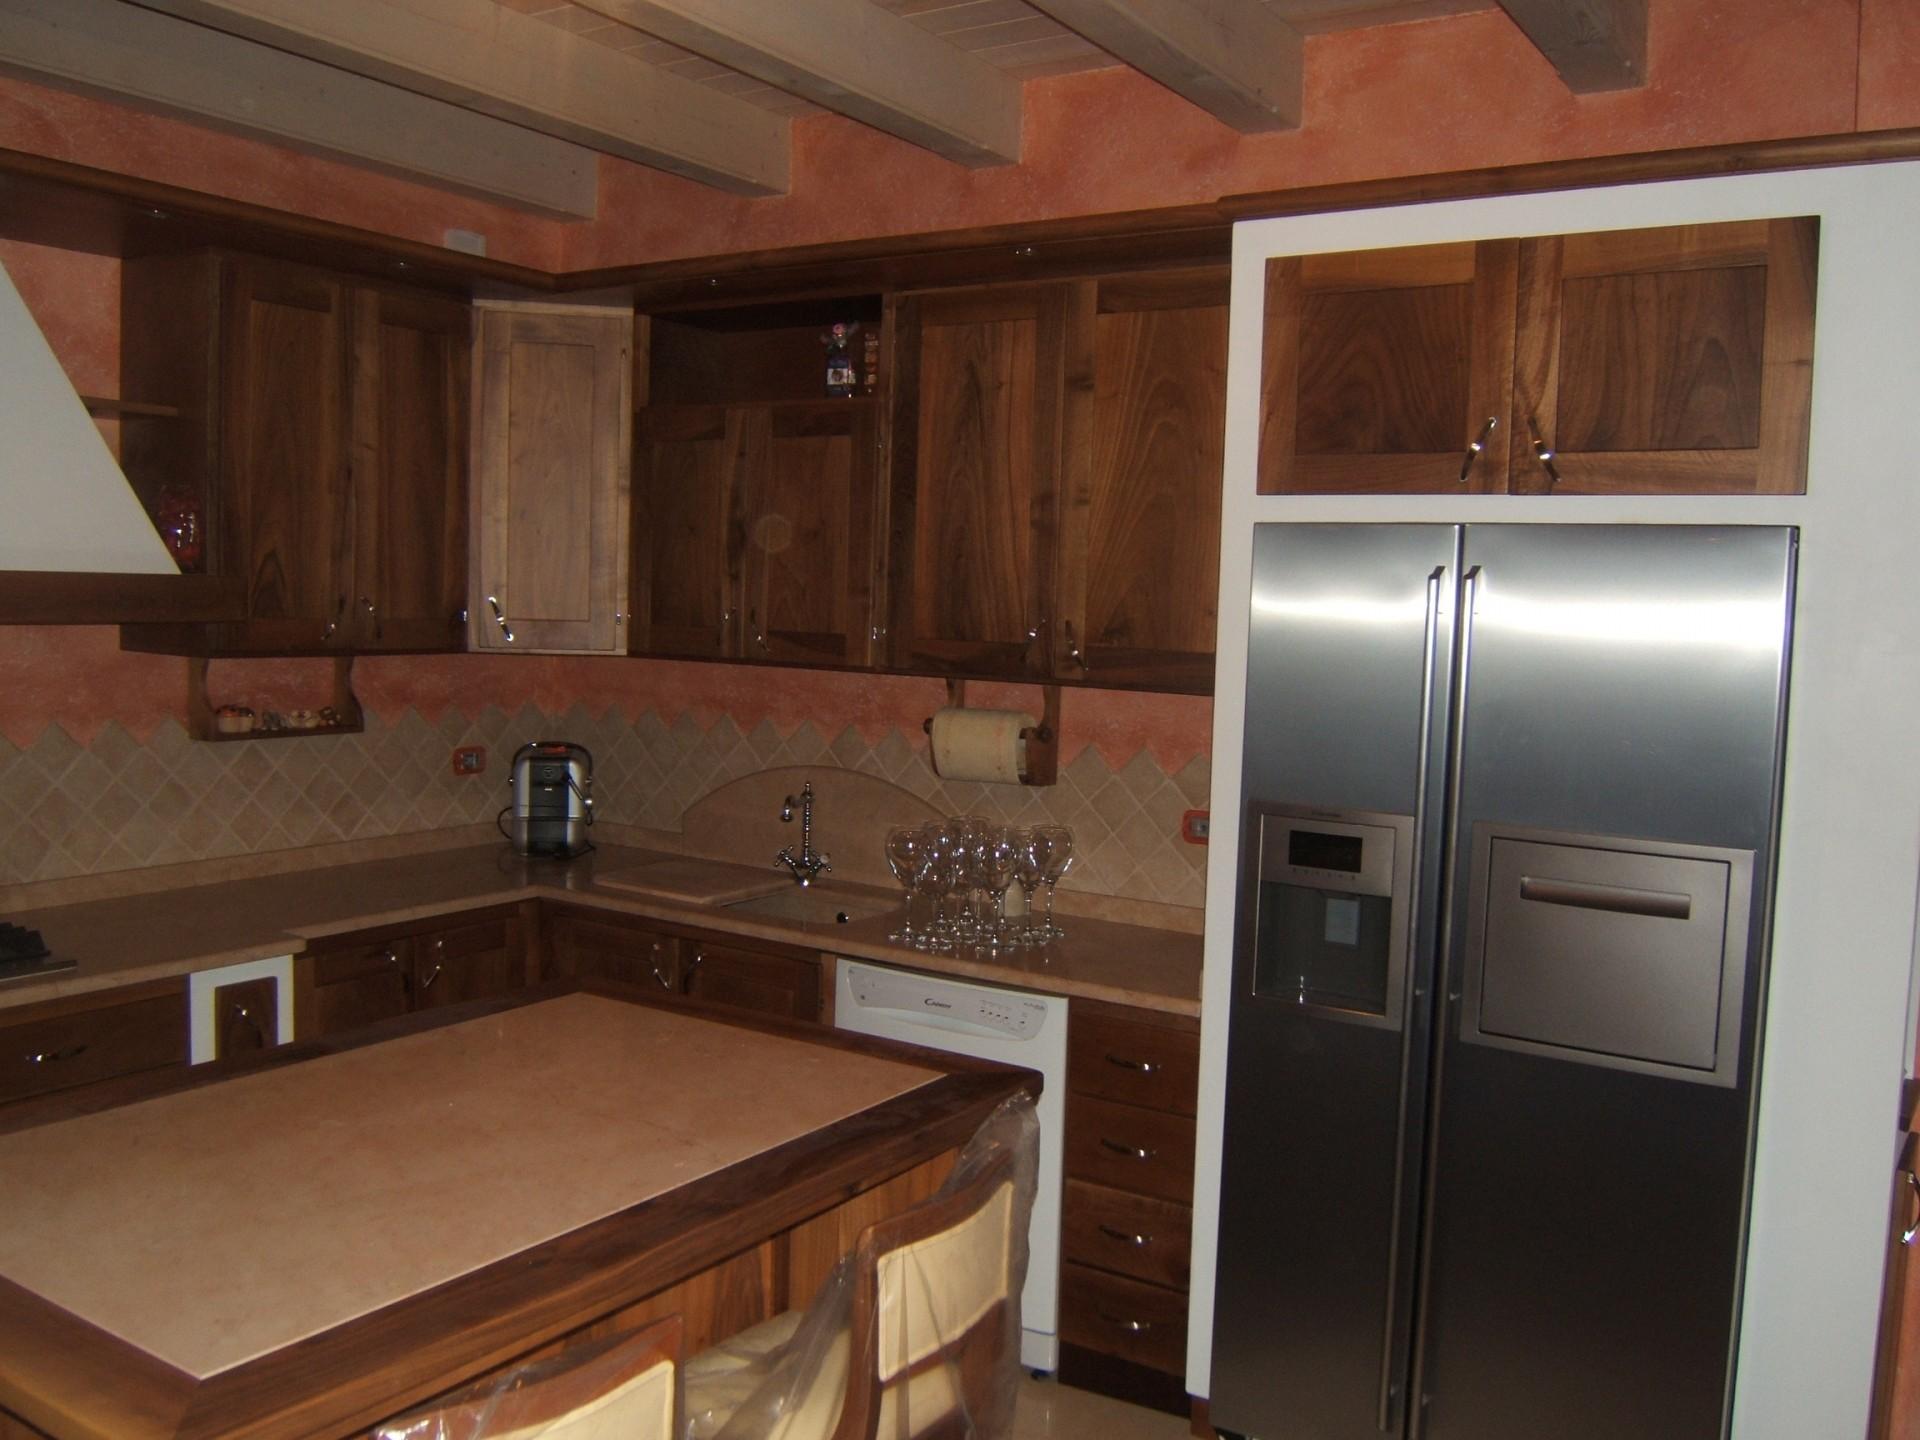 Cucina in muratura fadini mobili cerea verona - Cucine con frigo esterno ...